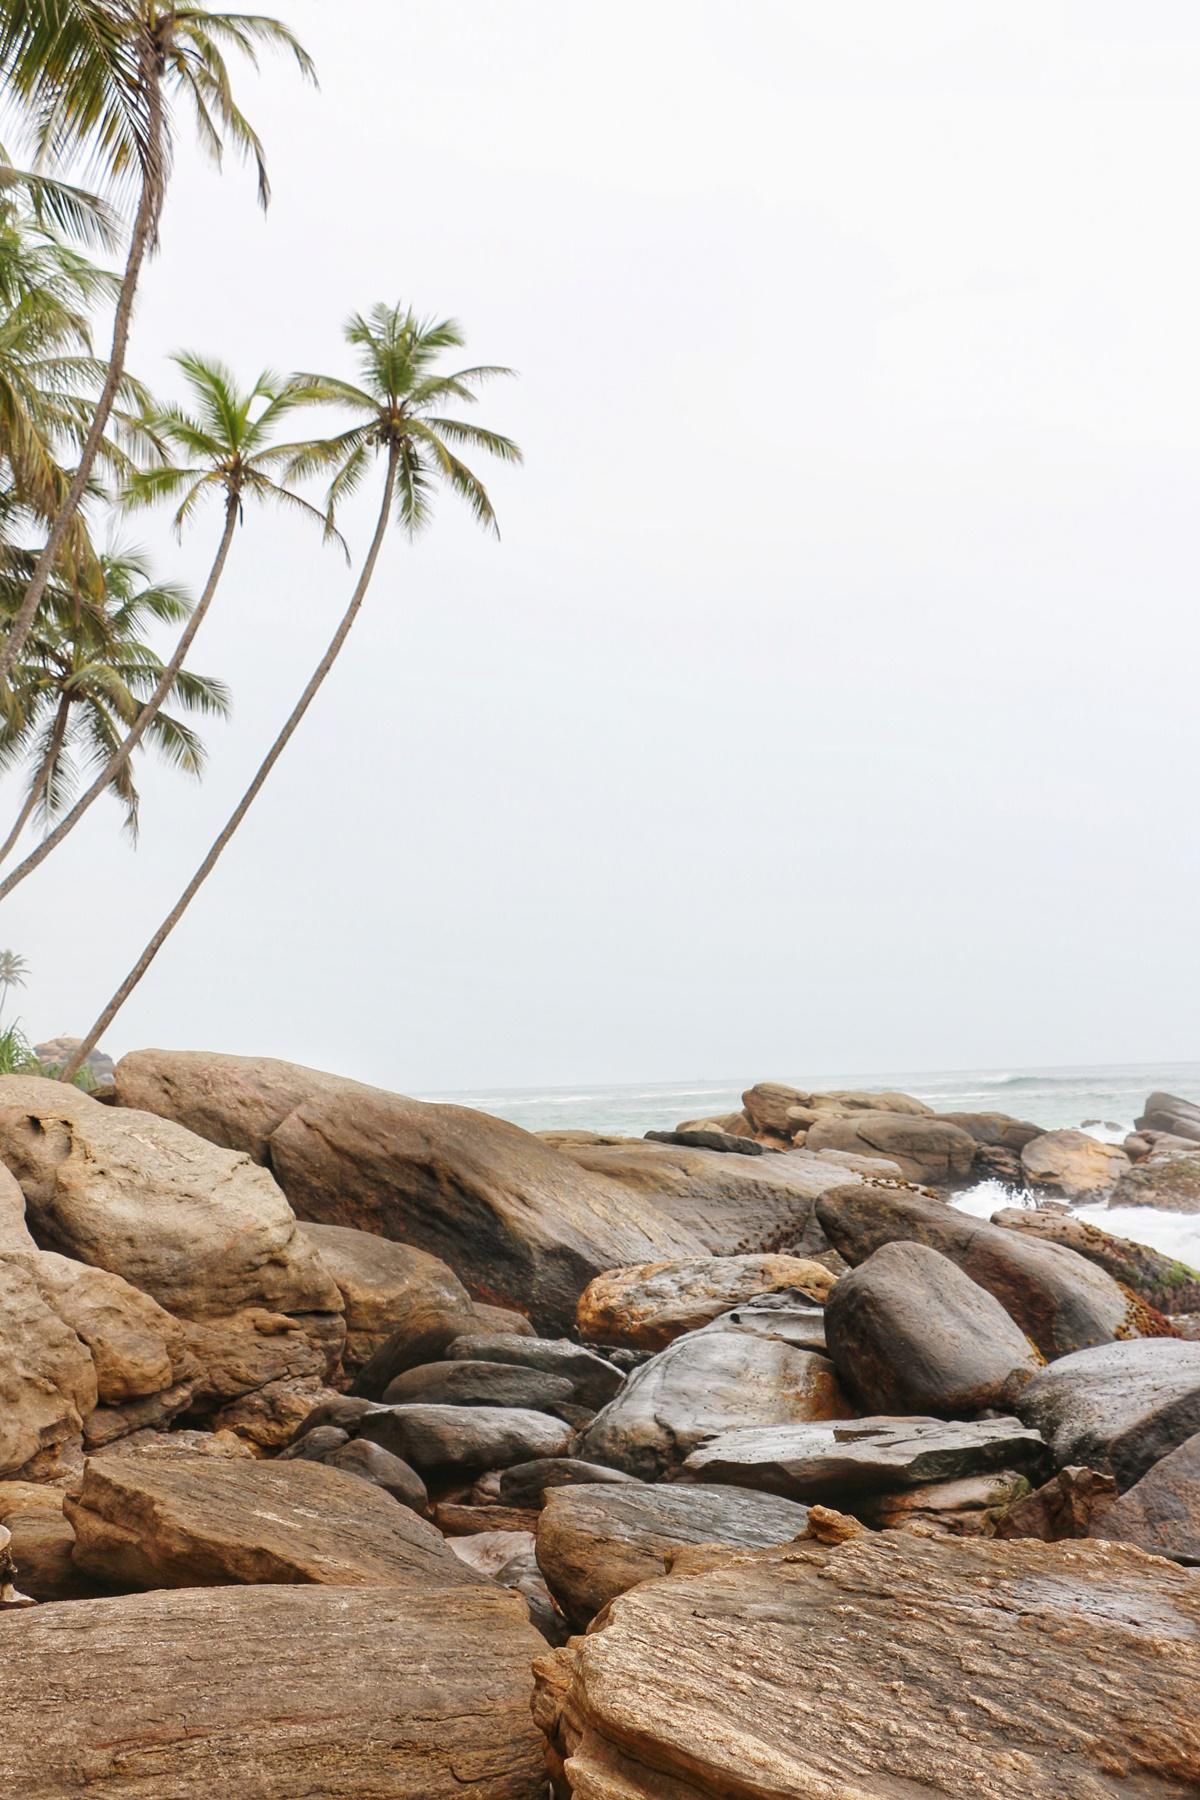 Goyambokka Sri Lanka NatnZin